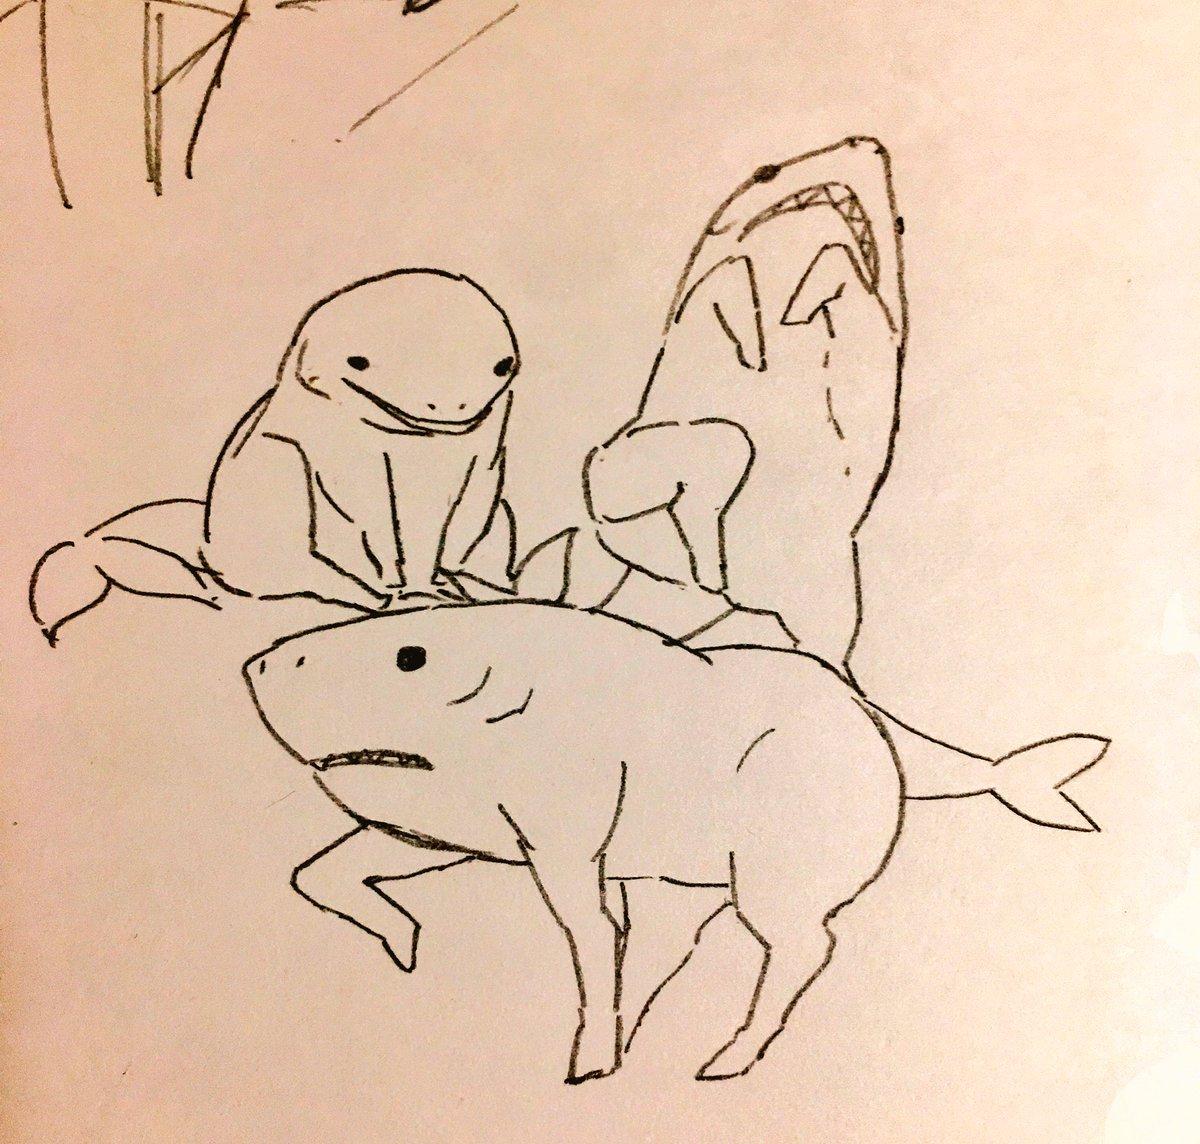 サメウマについて考えてた